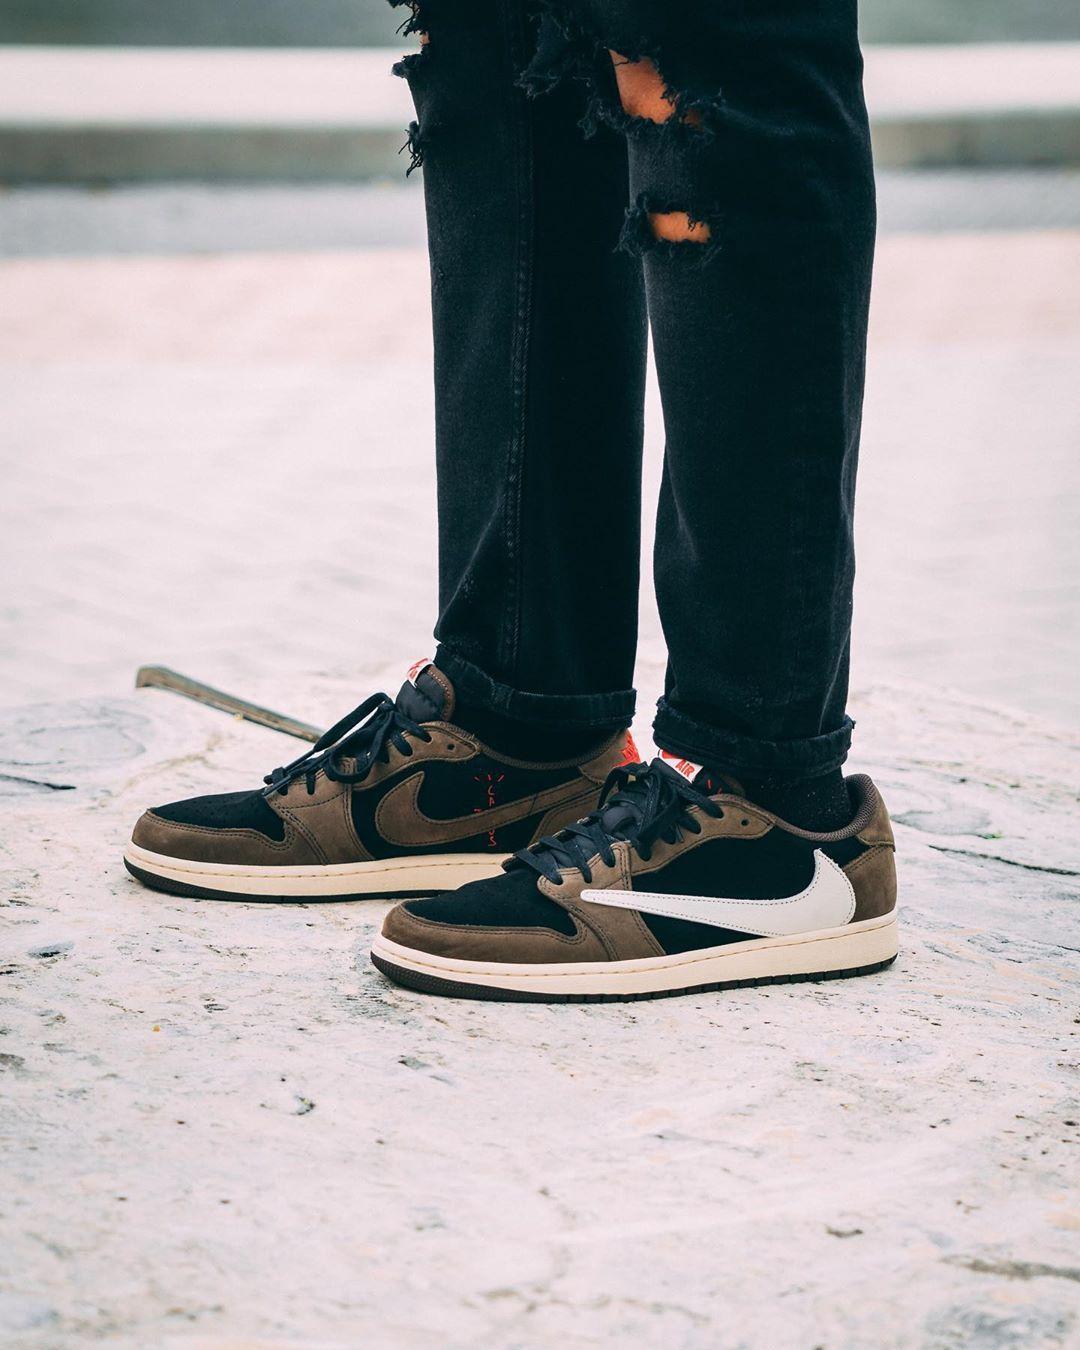 On Feet With Travis Scott S Air Jordan 1 Low Sneaker Accompanied